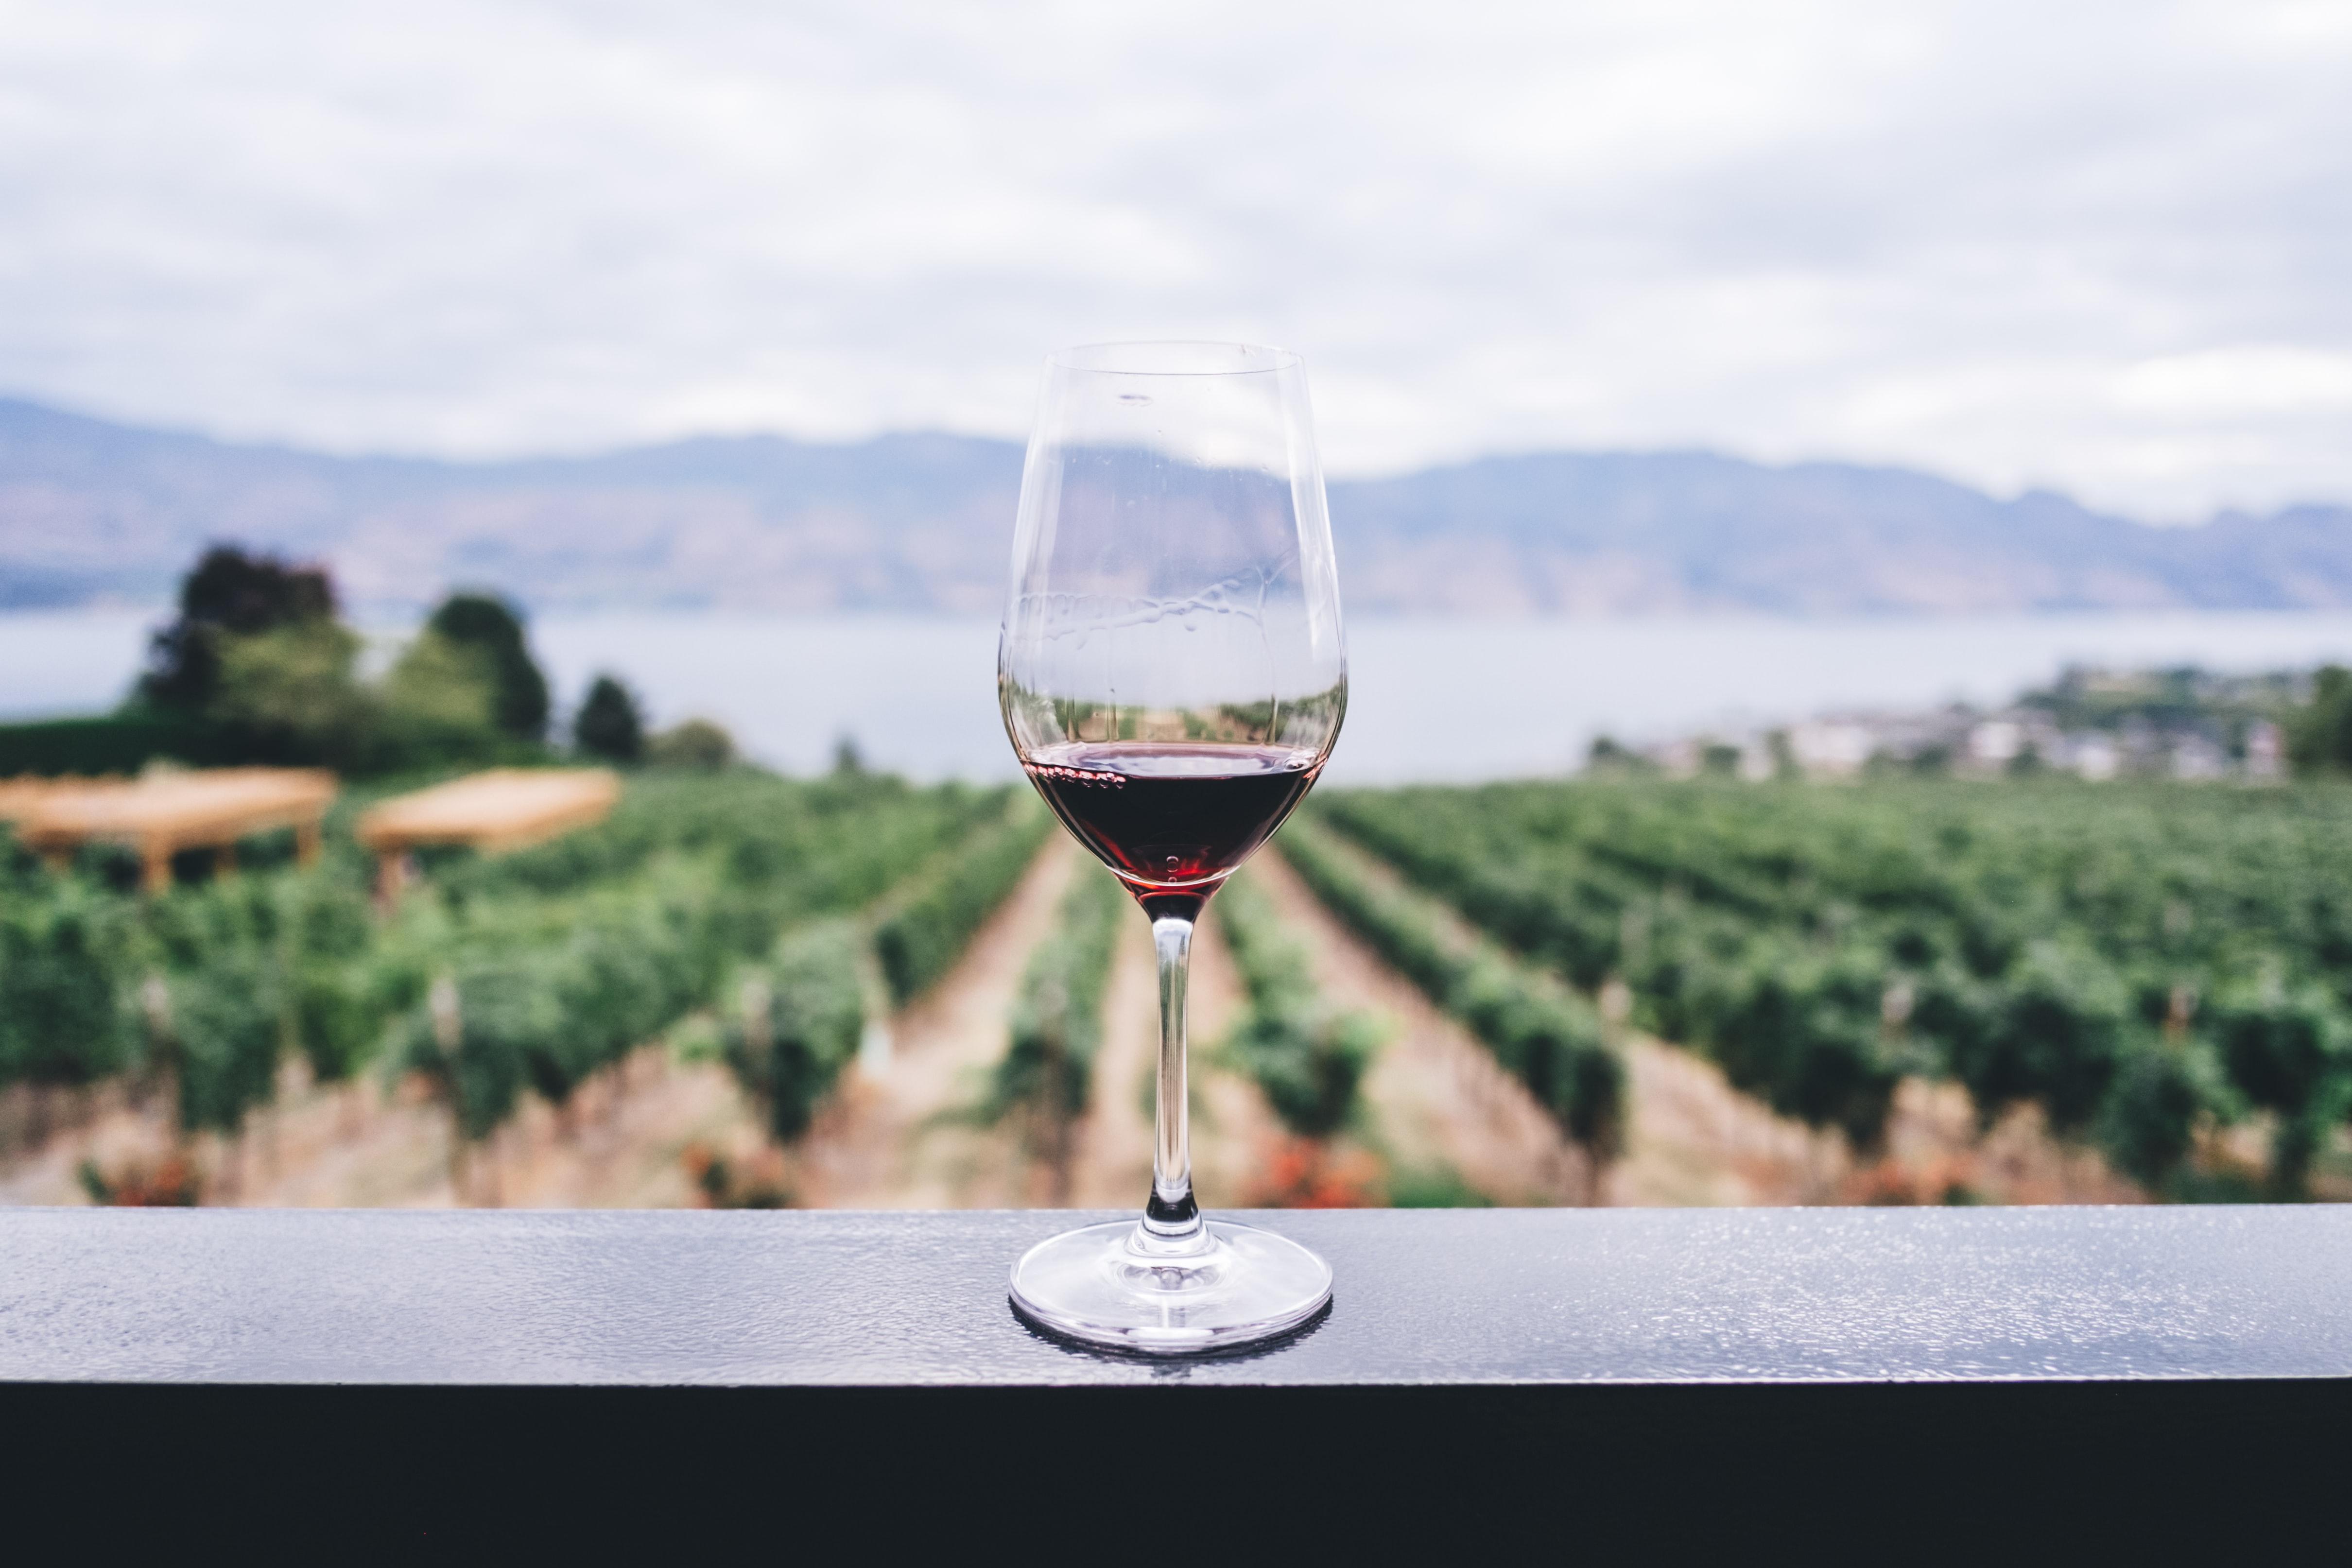 「ワイン&スピリッツ」のイメージ画像